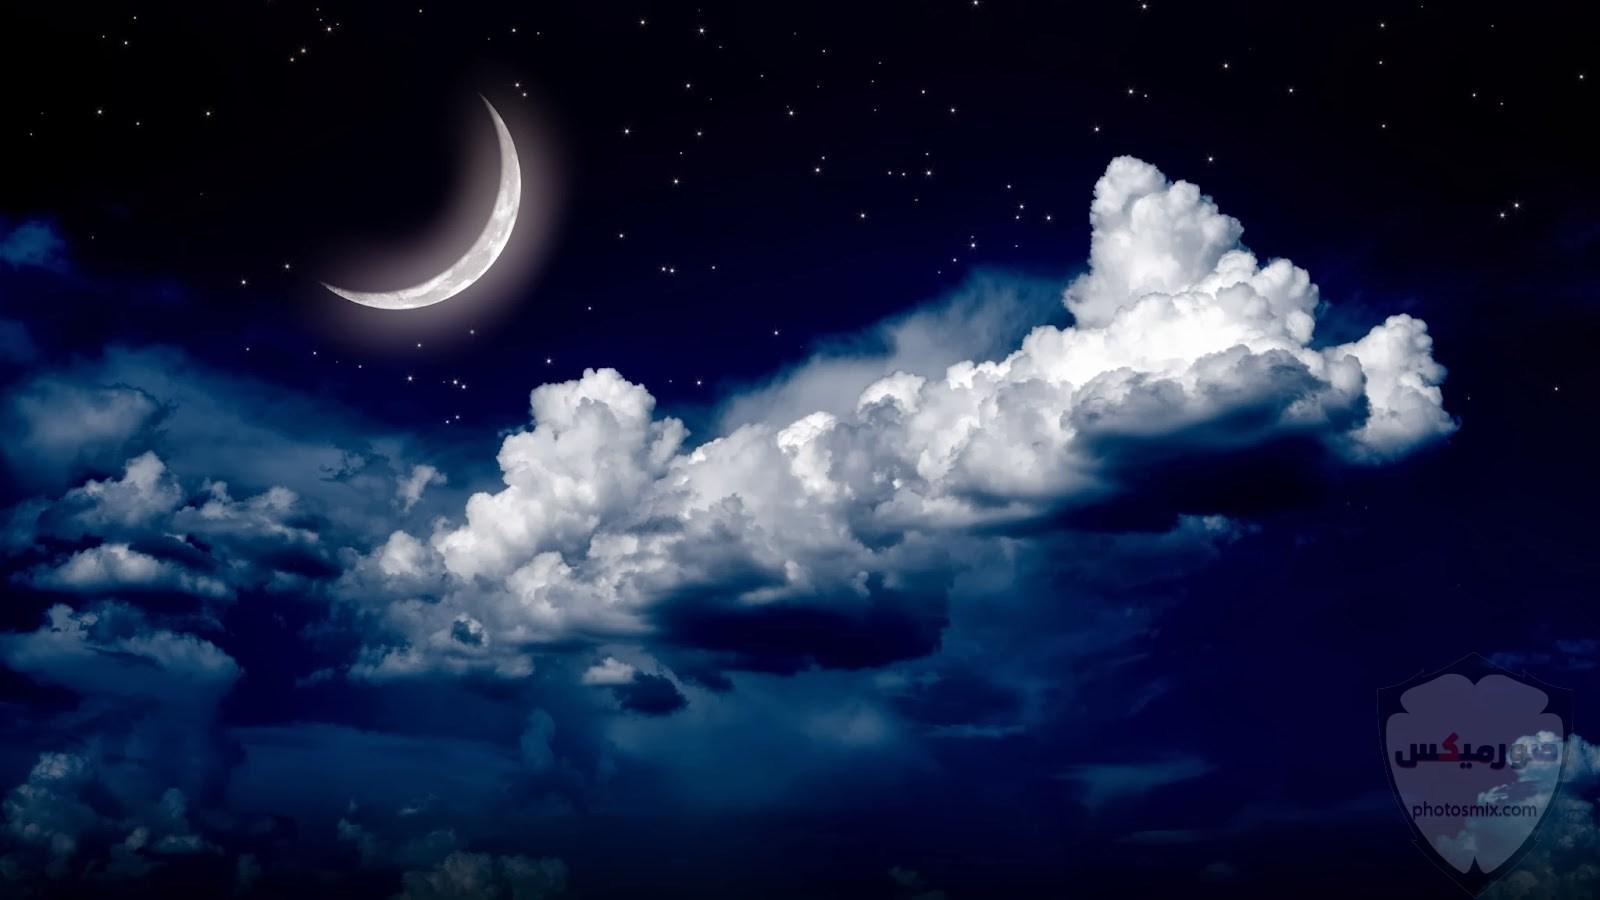 صور القمر والسماء والنجوم خلفيات للقمر والبدر والهلال عالية الجودة 9